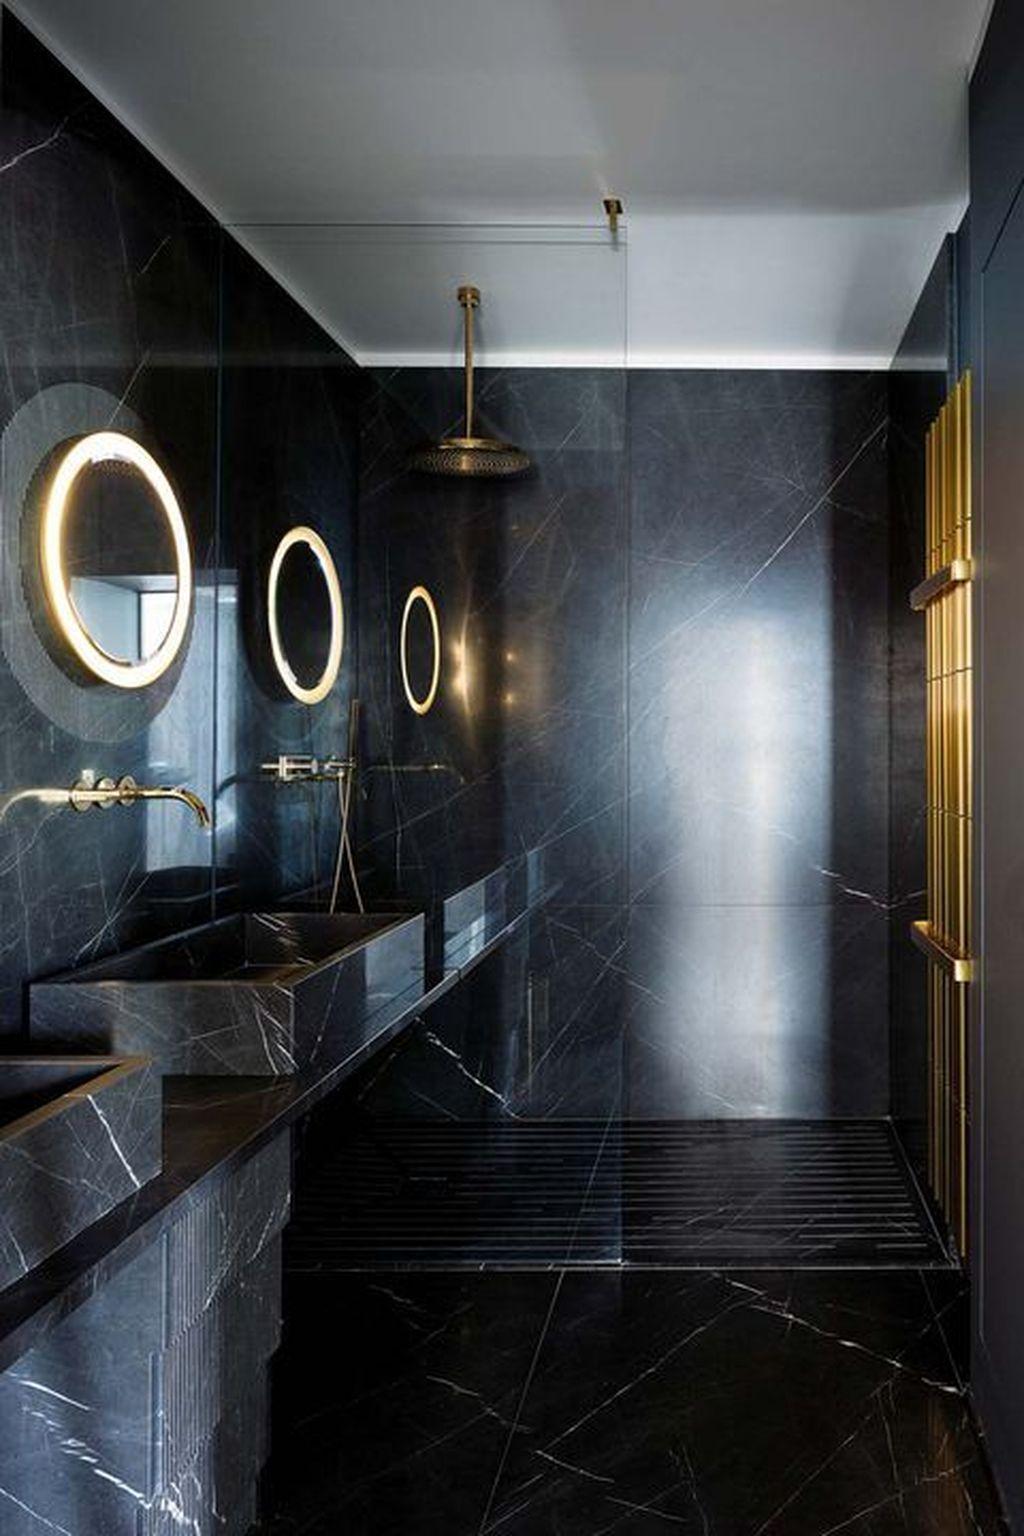 36 Wonderful Black Marble Bathroom Design Ideas Looks Classy 36 Wonderful Black Marble Bathro Black Marble Bathroom Marble Bathroom Designs Marble Bathroom